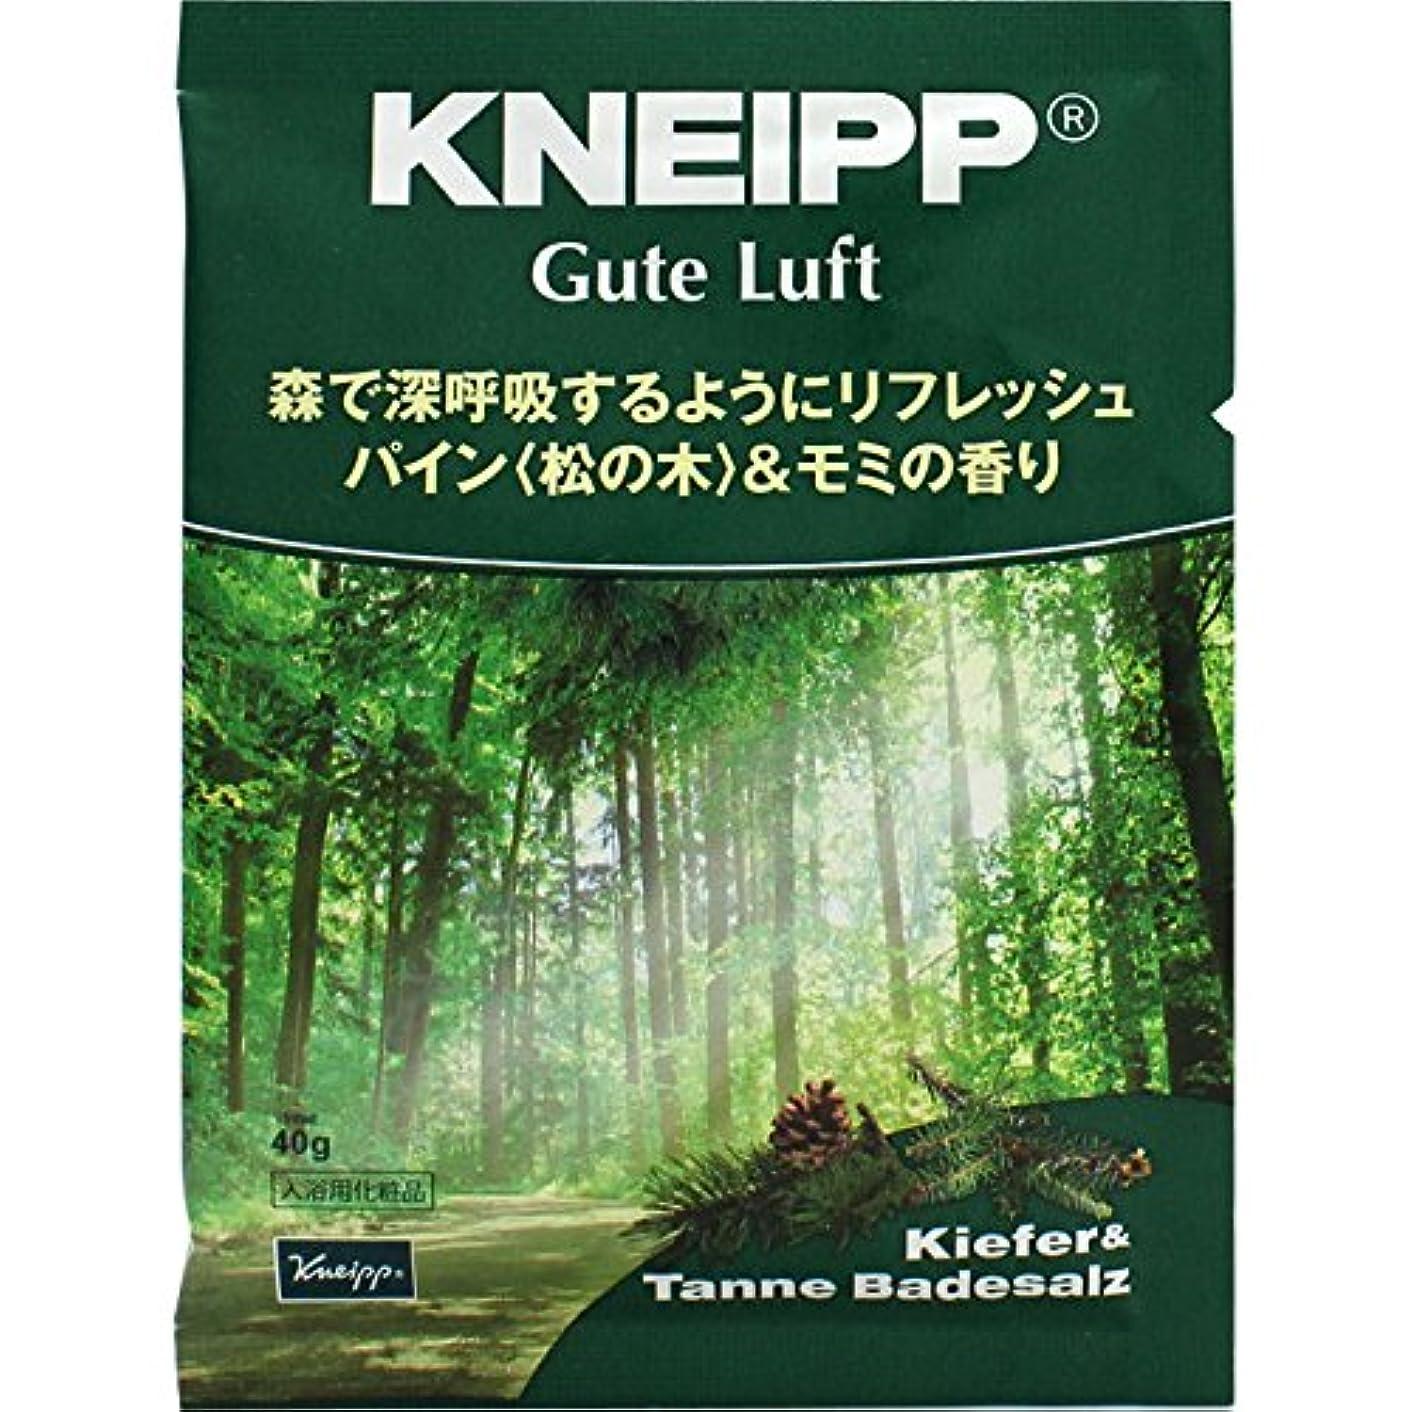 葉巻特許くクナイプ?ジャパン クナイプ グーテルフト バスソルト パイン<松の木>&モミの香り 40g